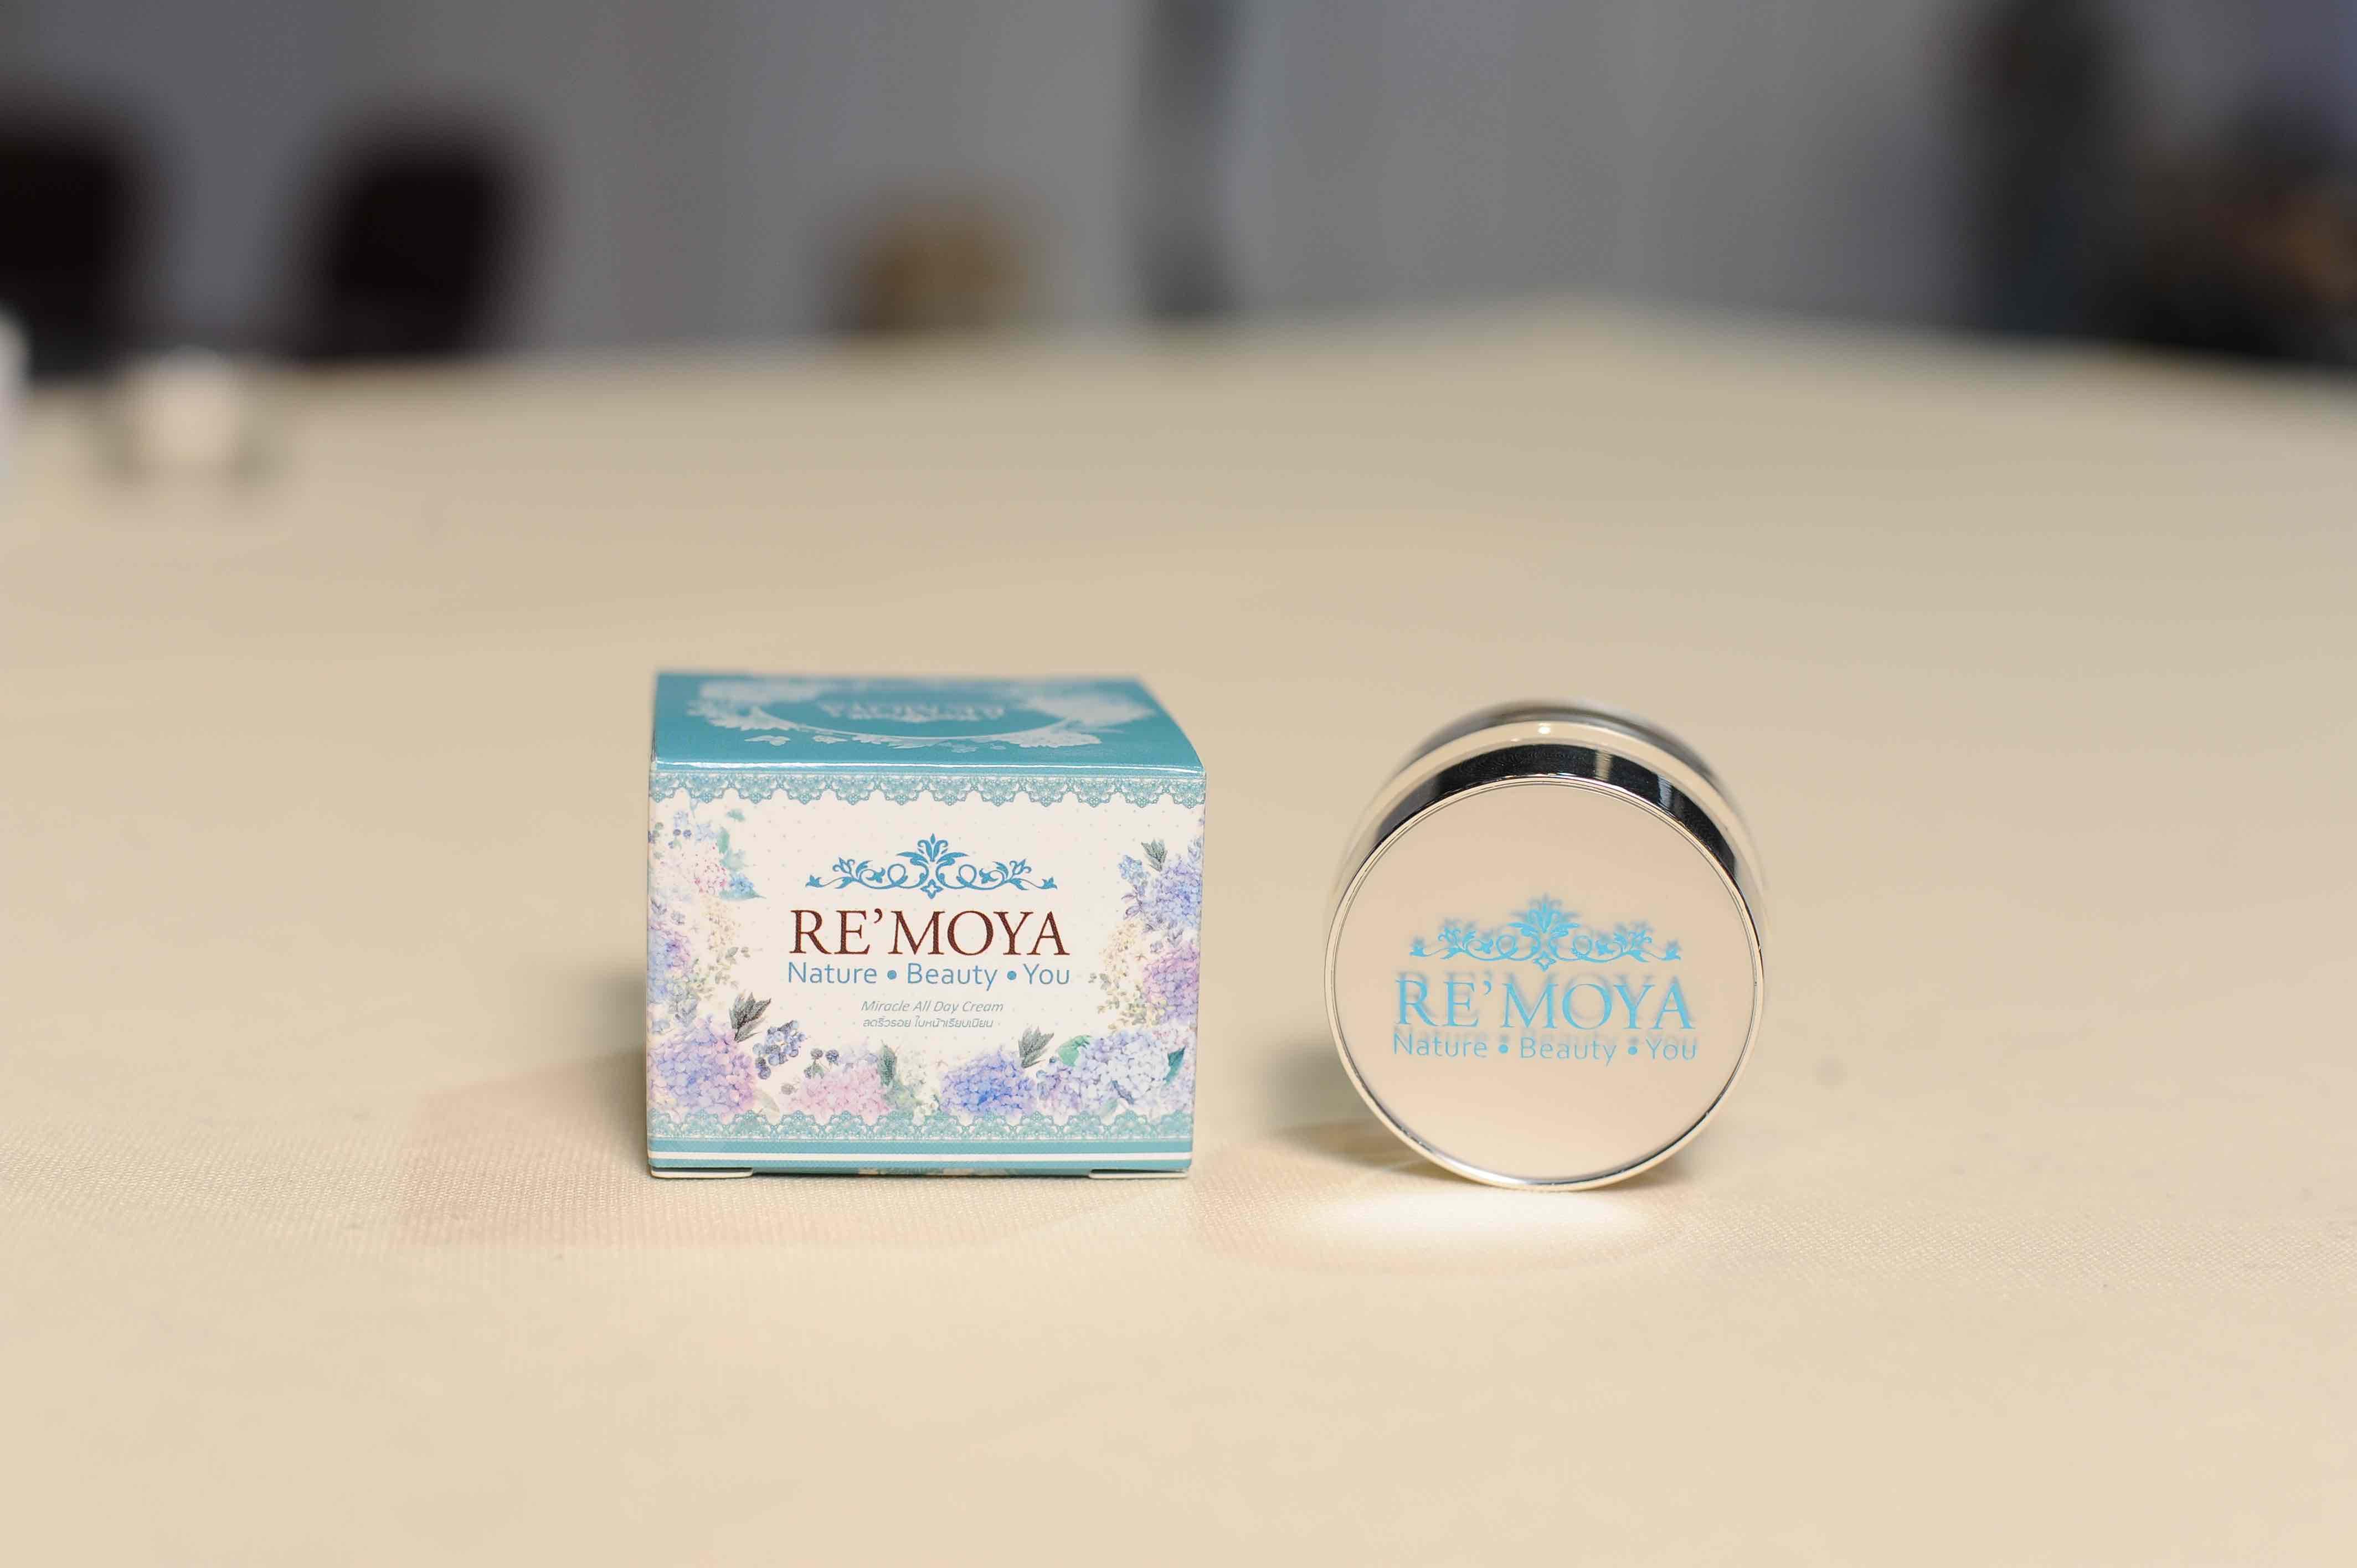 E00001 ผลิตภัณฑ์บำรุงผิวหน้ารีโมยา (Remoya) Miracle all day